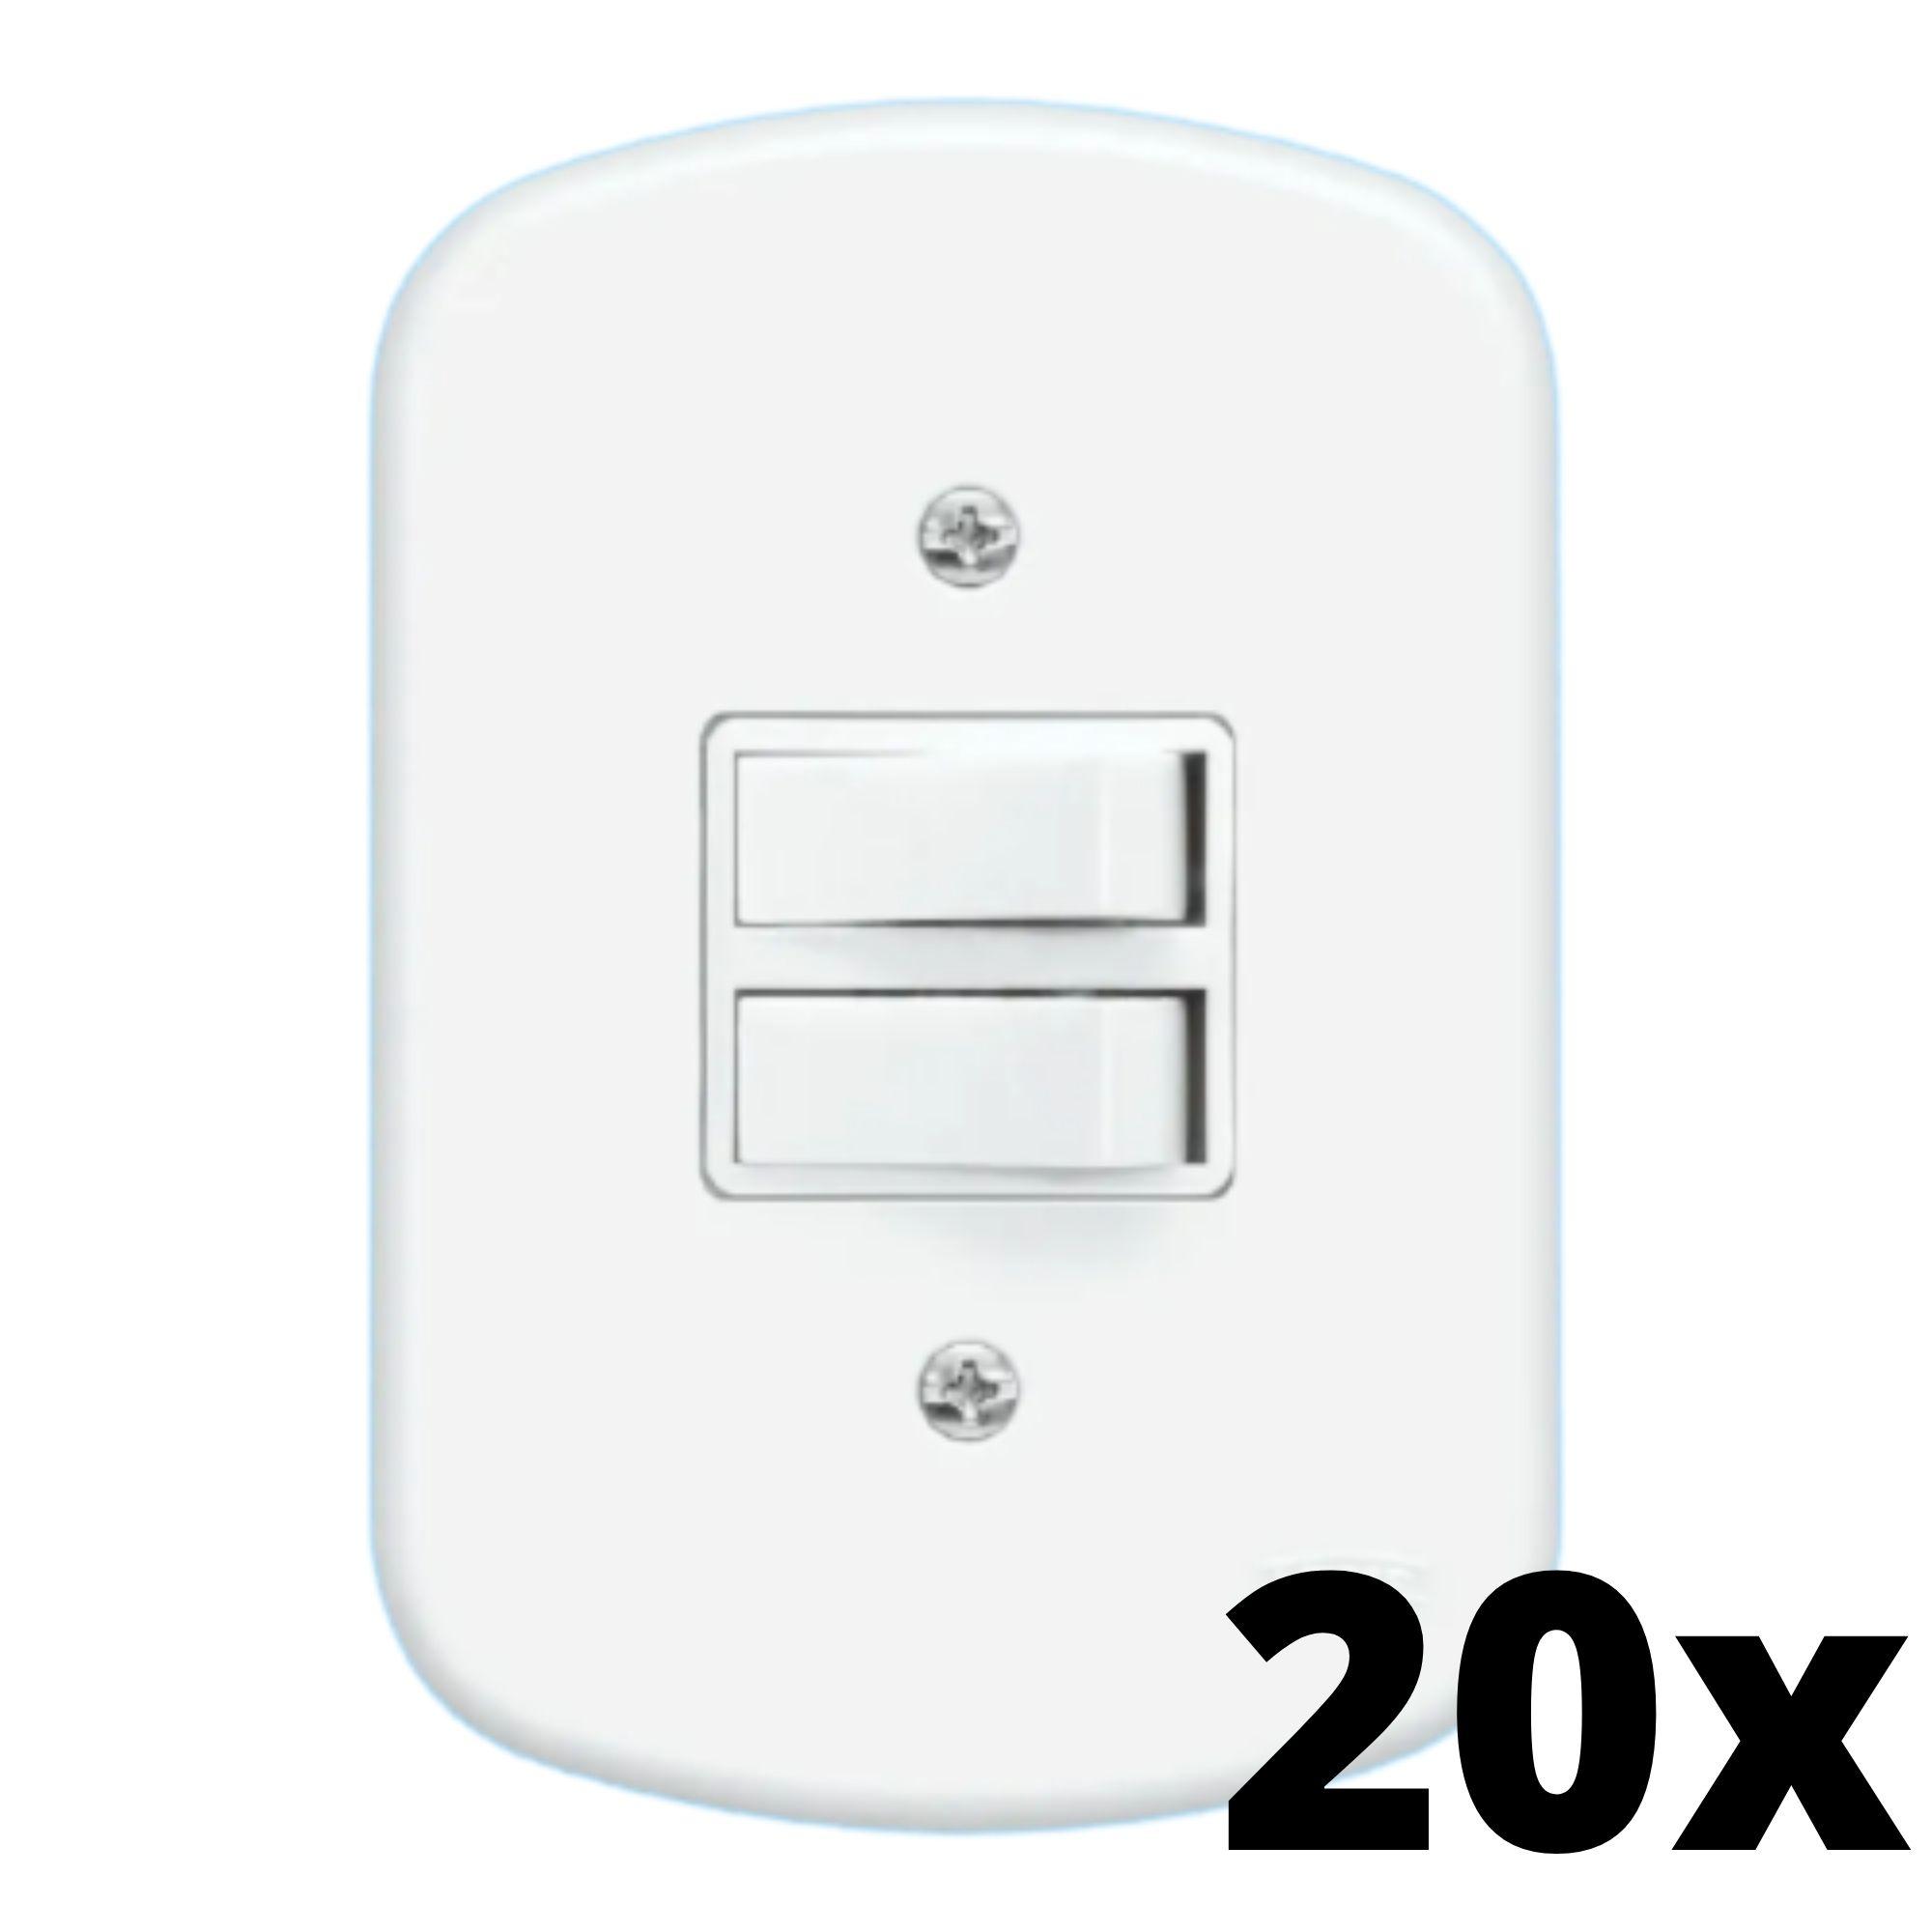 Kit 20 und Blanc 1Seç Interrupt Simples+1Seç Interrupt Paralelo + Placa